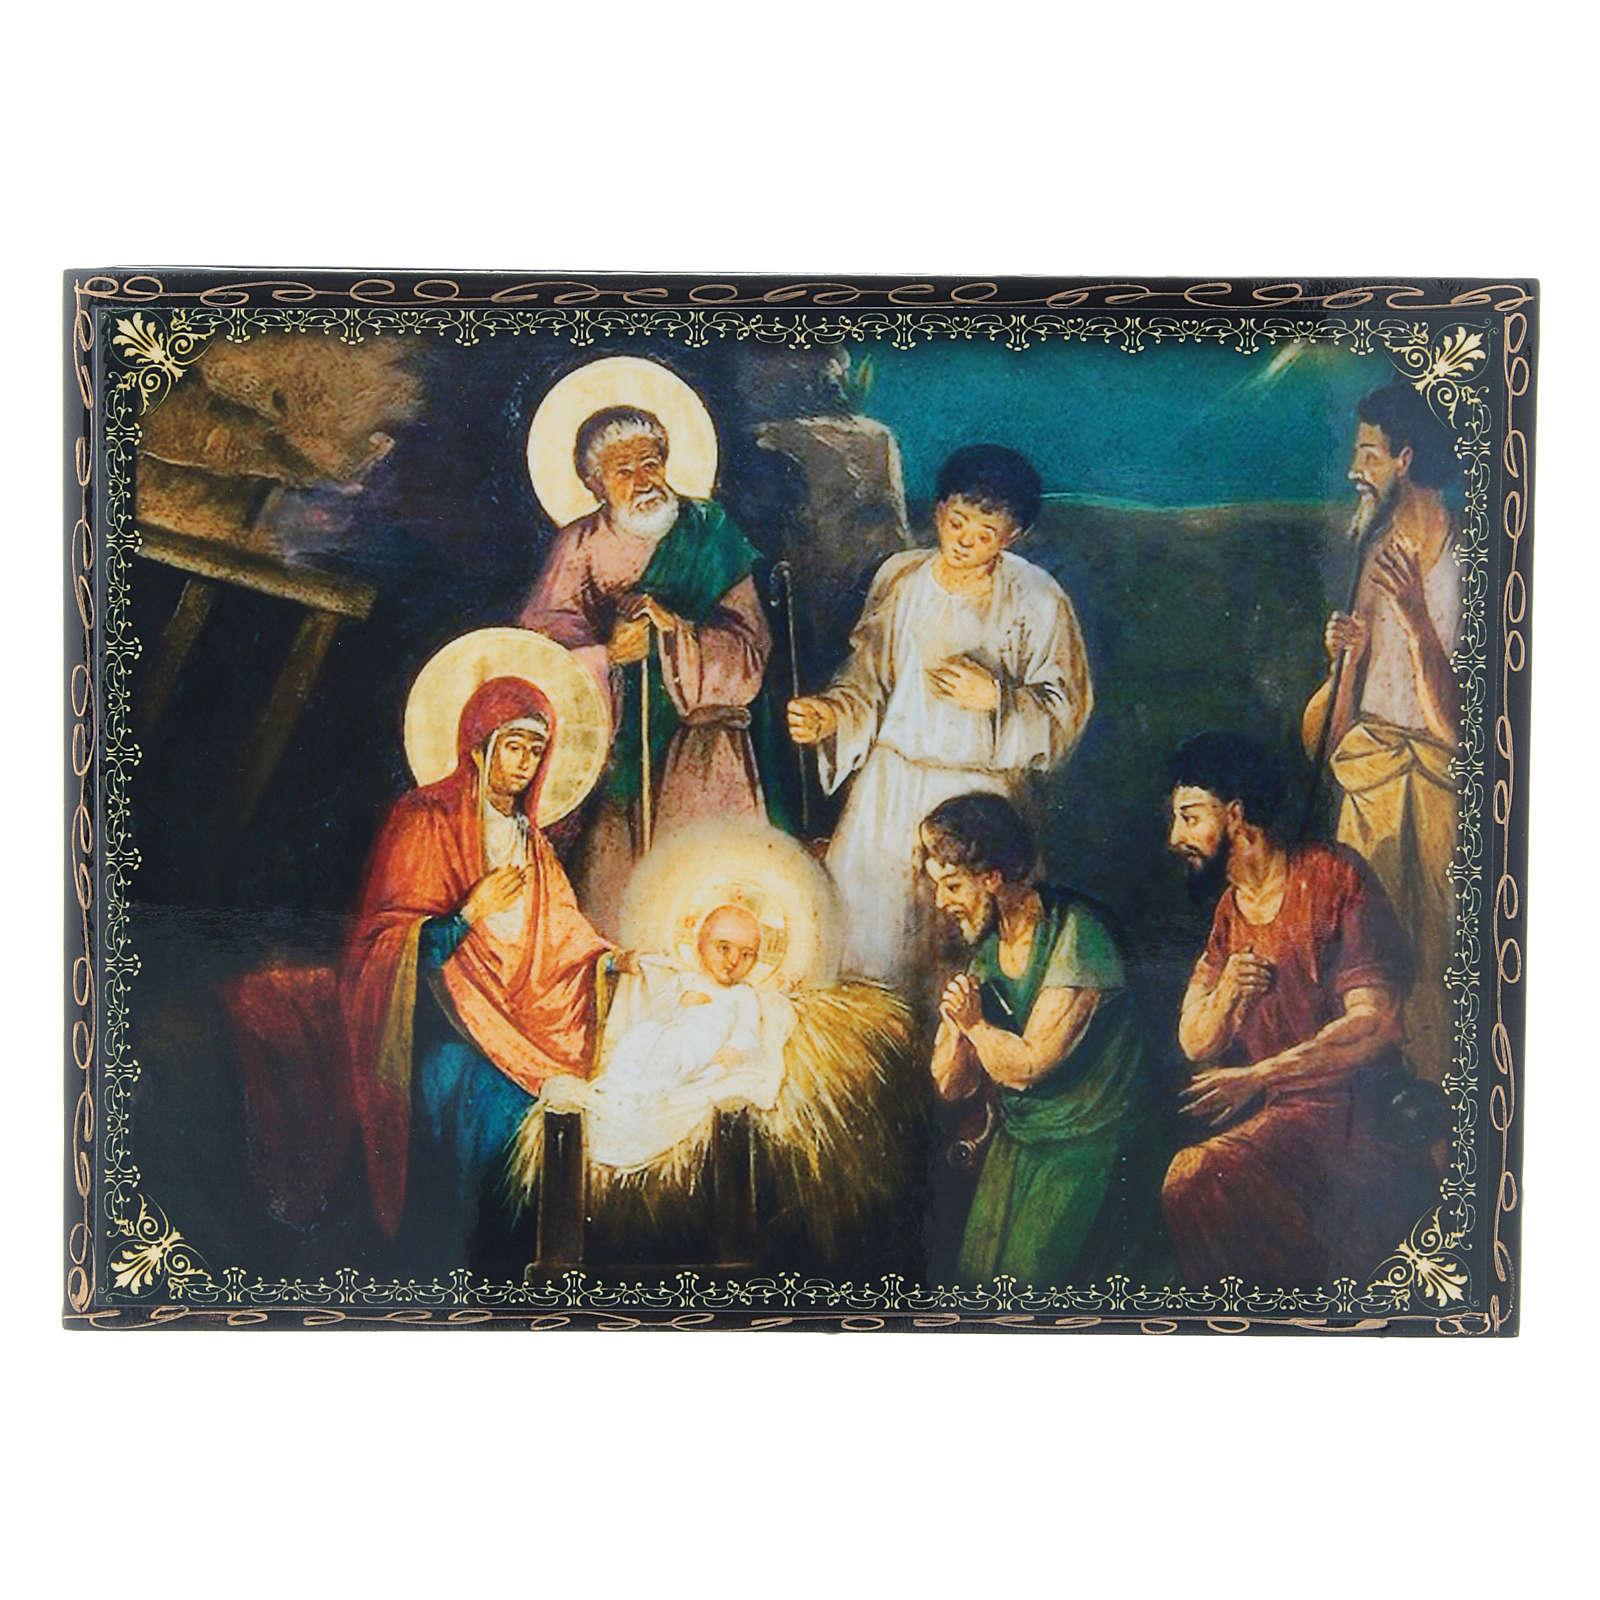 Scatoletta decoupage cartapesta russa La Nascita di Gesù Cristo 22X16 cm 4